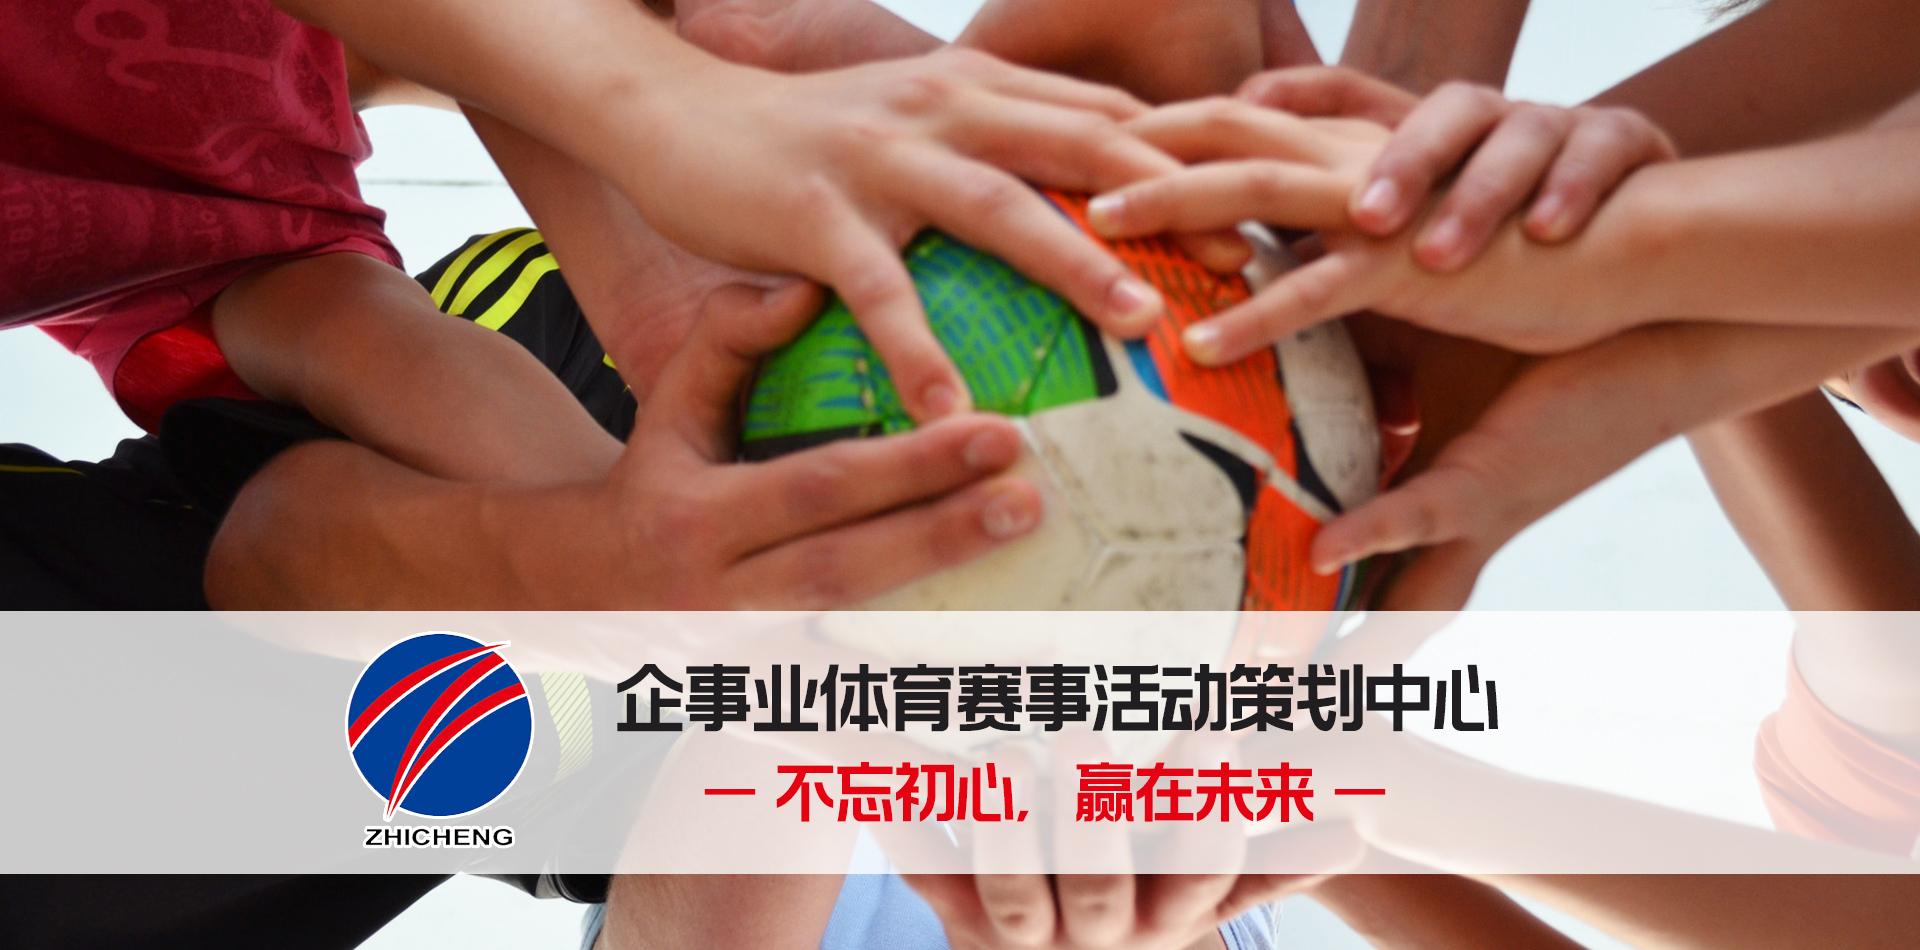 山东足球培训,山东少儿足球培训,山东足球赛事策划,山东篮球培训,山东足球训练营,少儿足球赛